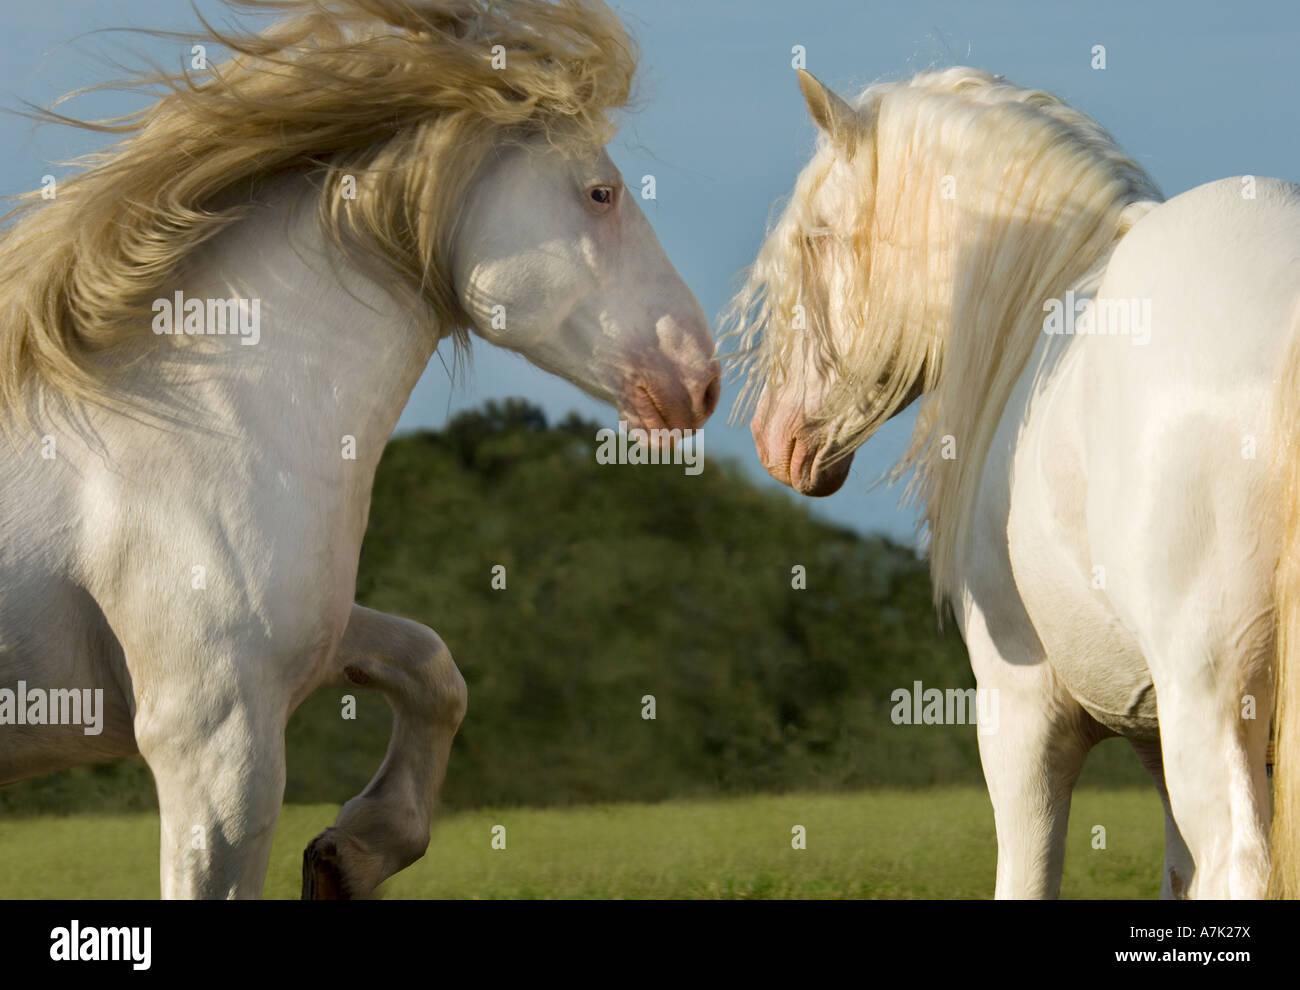 Deux chevaux de trait blanc d'affrontement etalons Banque D'Images